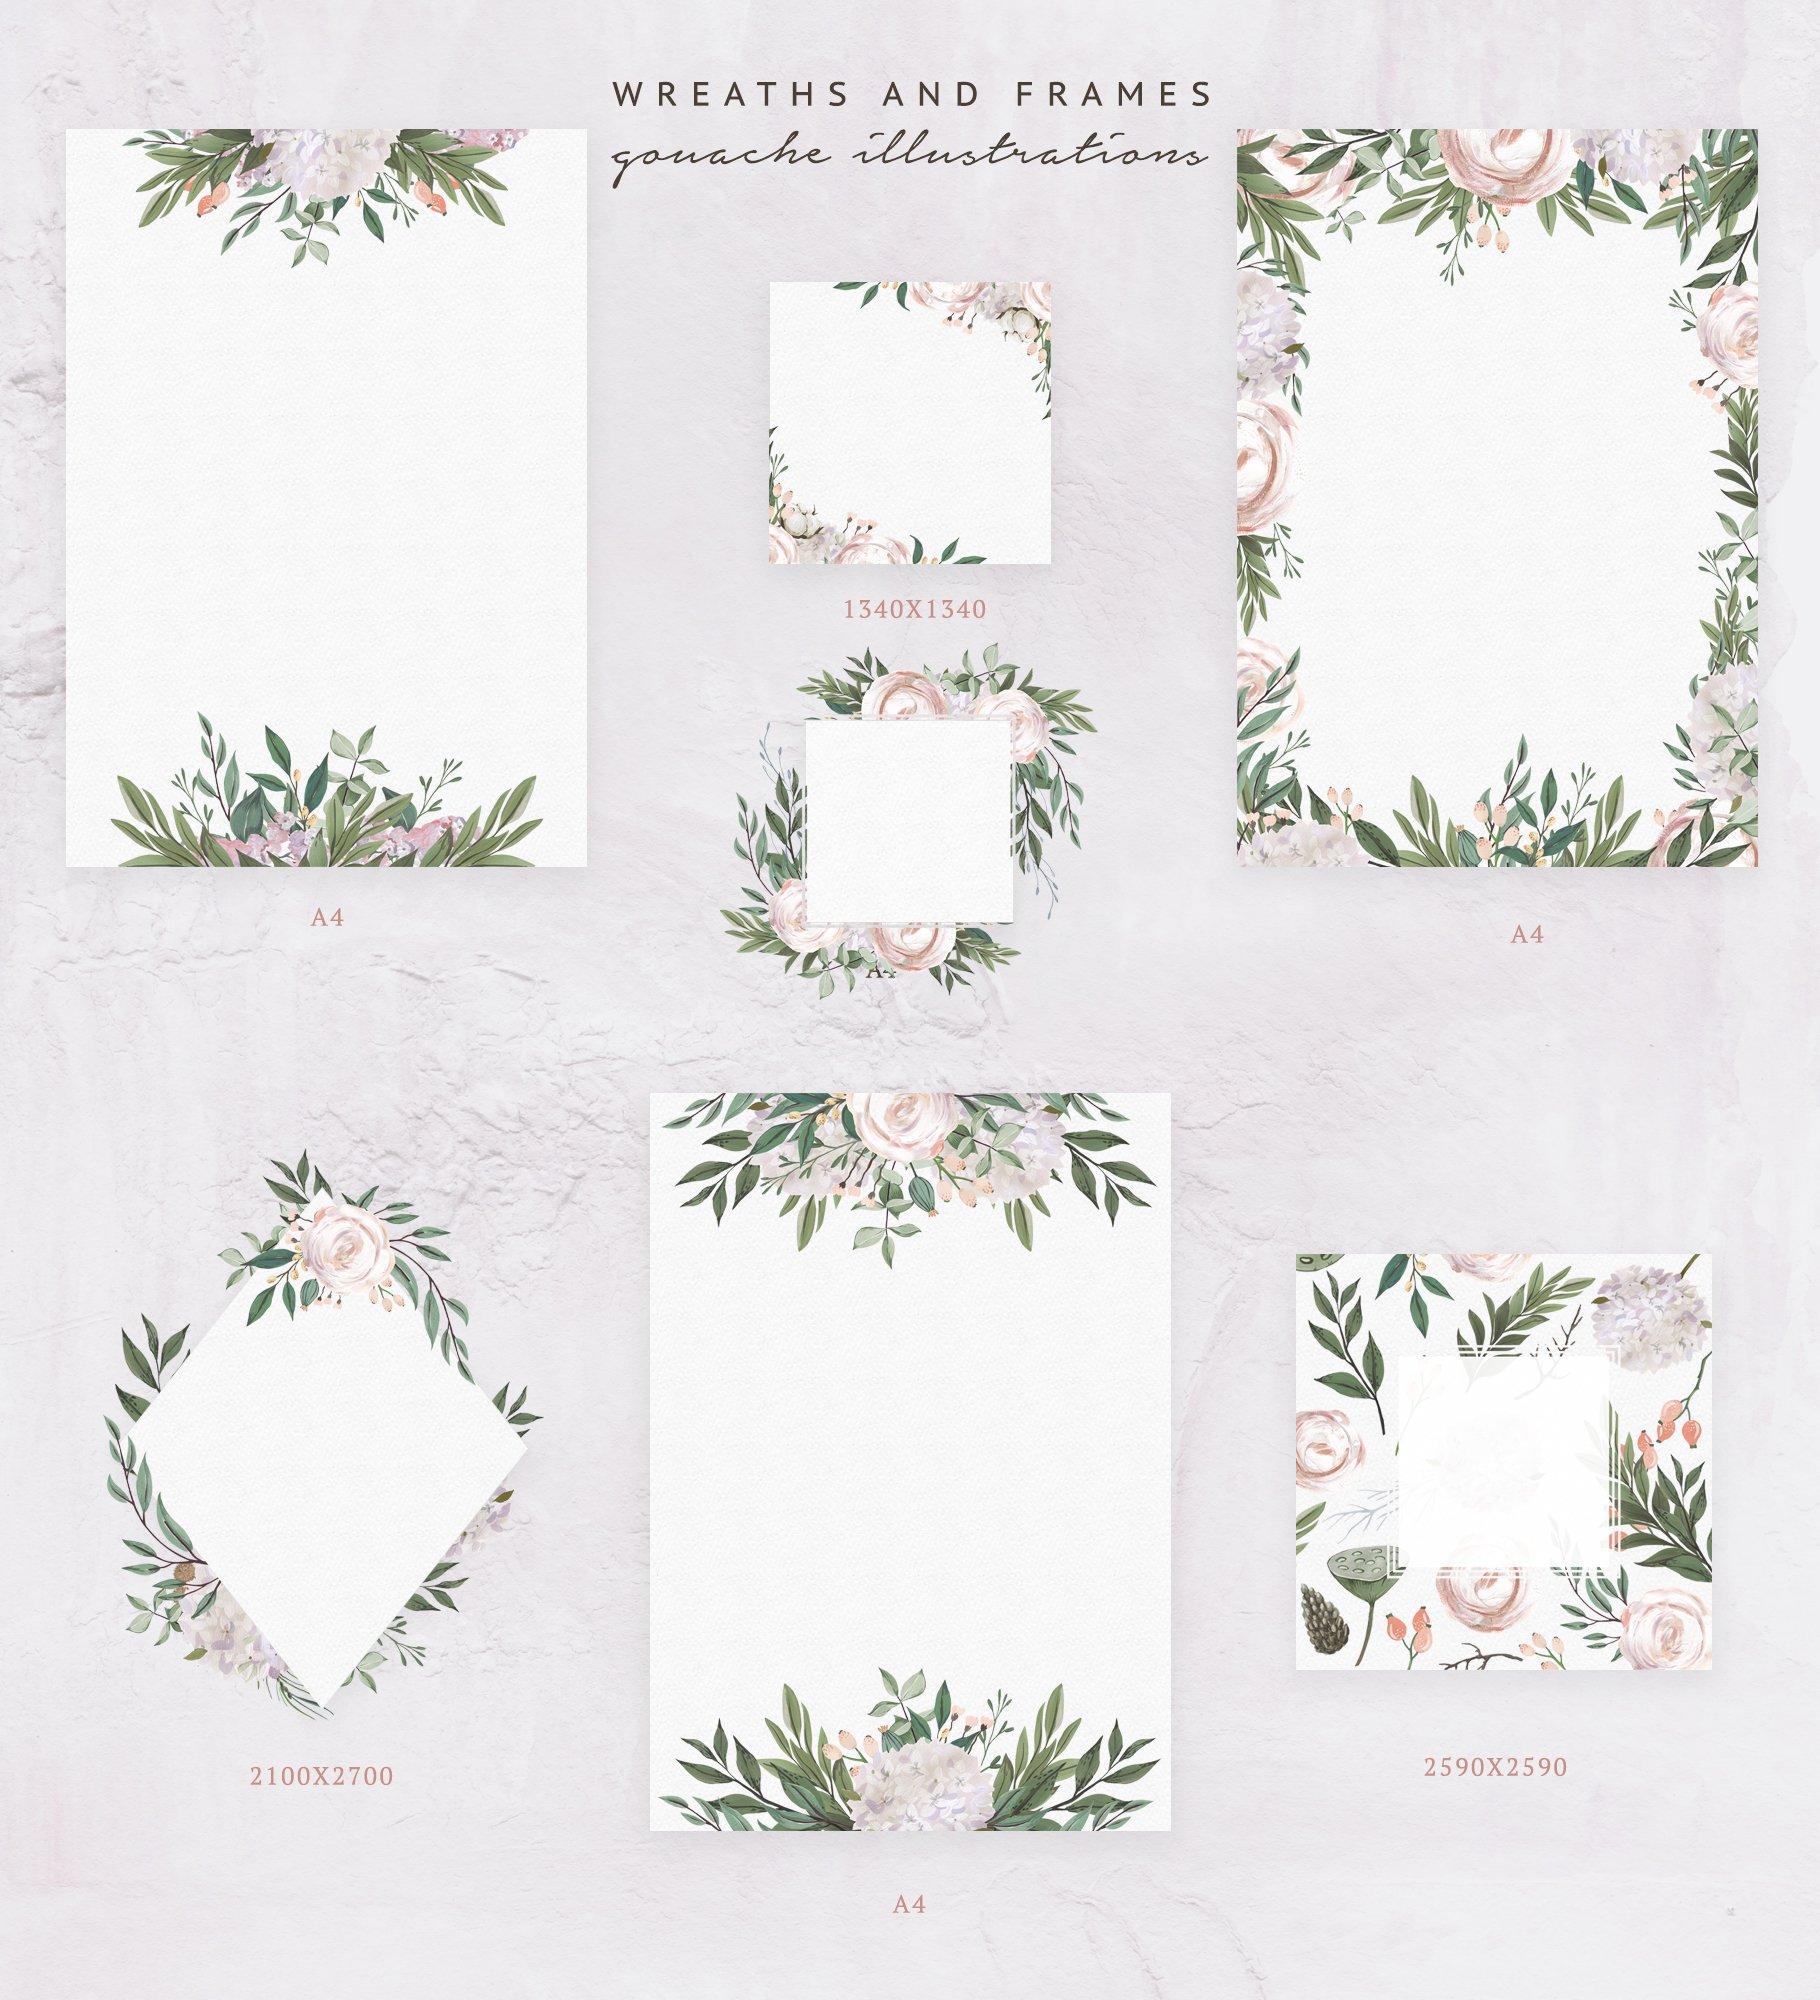 哑光油漆质感花卉树叶手绘水彩画PNG透明图片素材 Gouache Dusty Flowers插图9